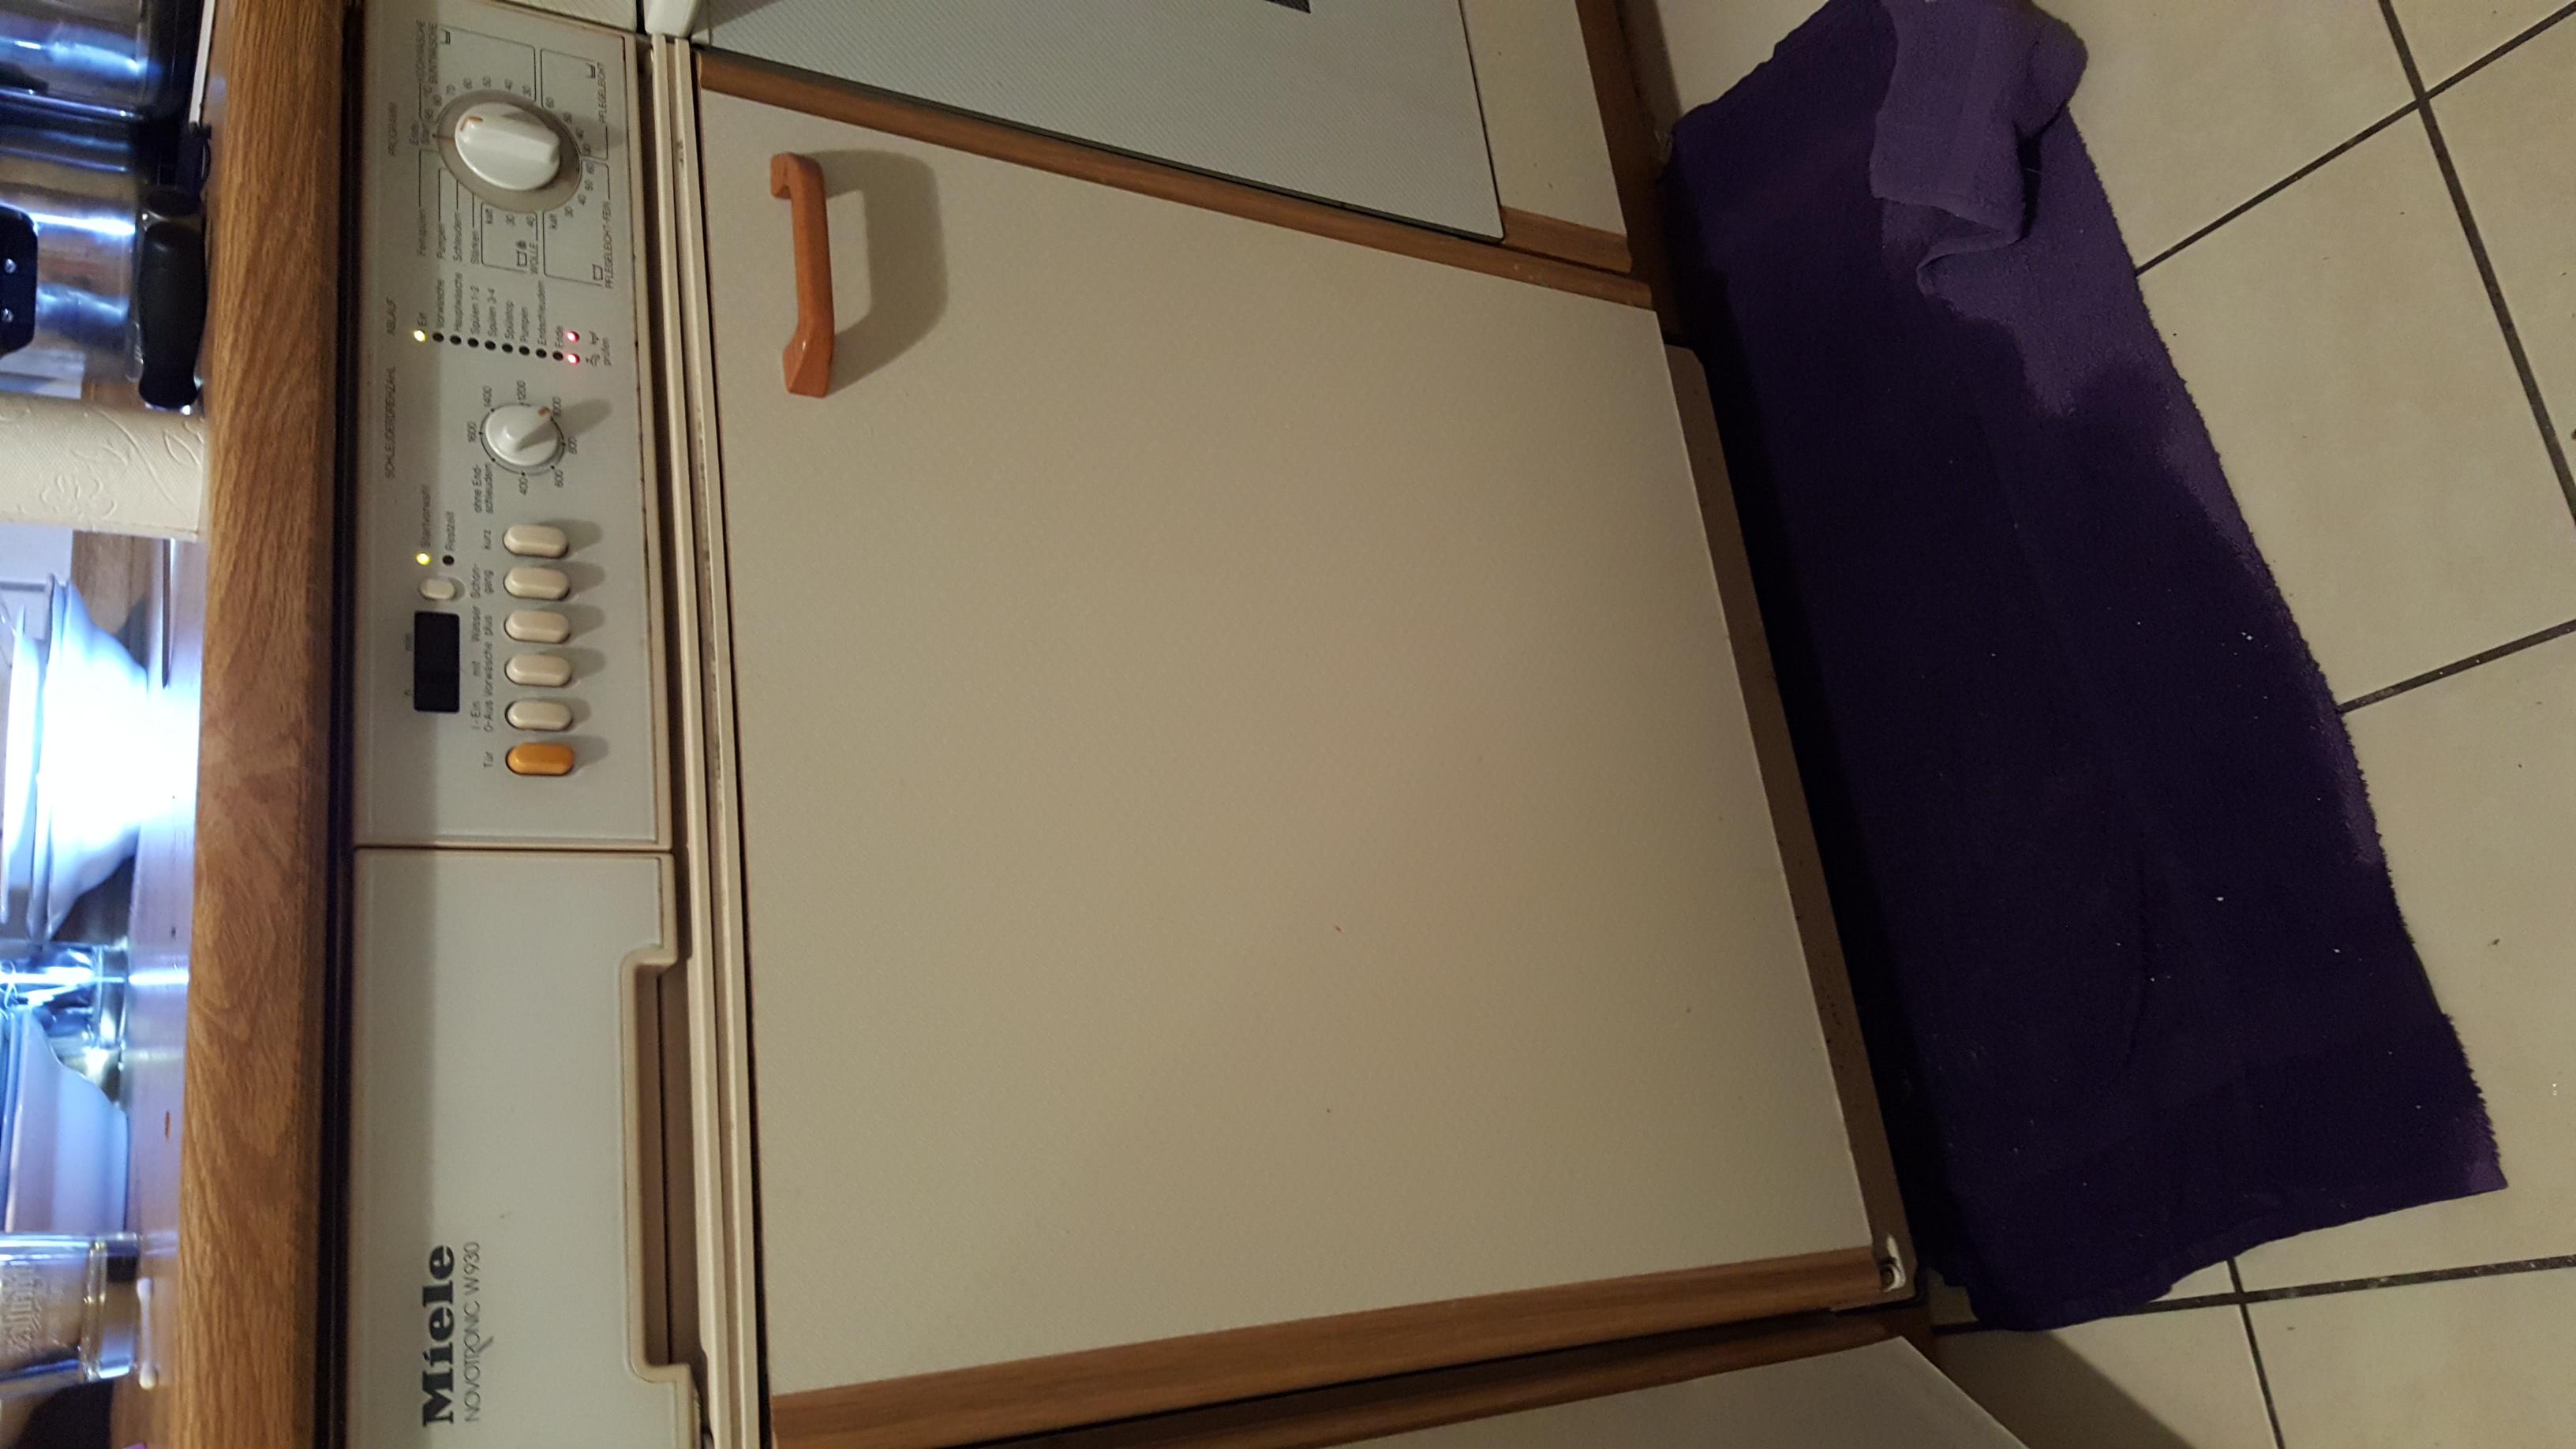 waschmaschine problem warum tritt wasser heraus und. Black Bedroom Furniture Sets. Home Design Ideas